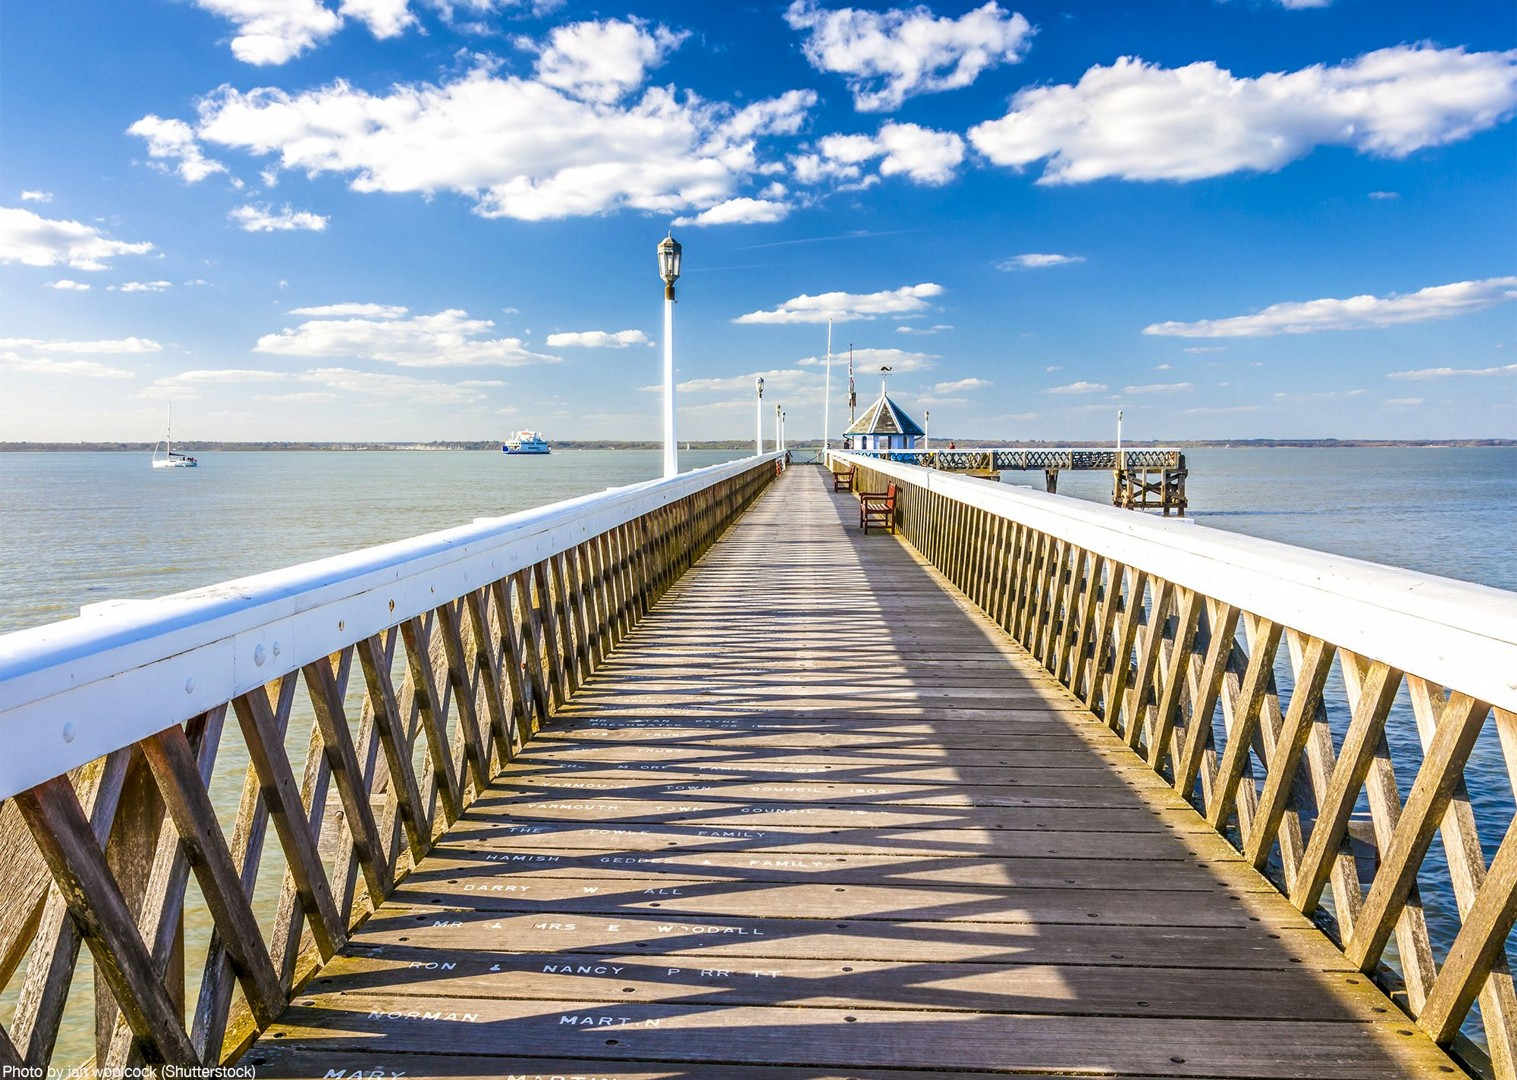 self-guided-tour-saddle-skedaddle-bike-hire-coast-island-uk.jpg - UK - Isle of Wight - Freshwater Bay - Self-Guided Leisure Cycling Holiday - Leisure Cycling